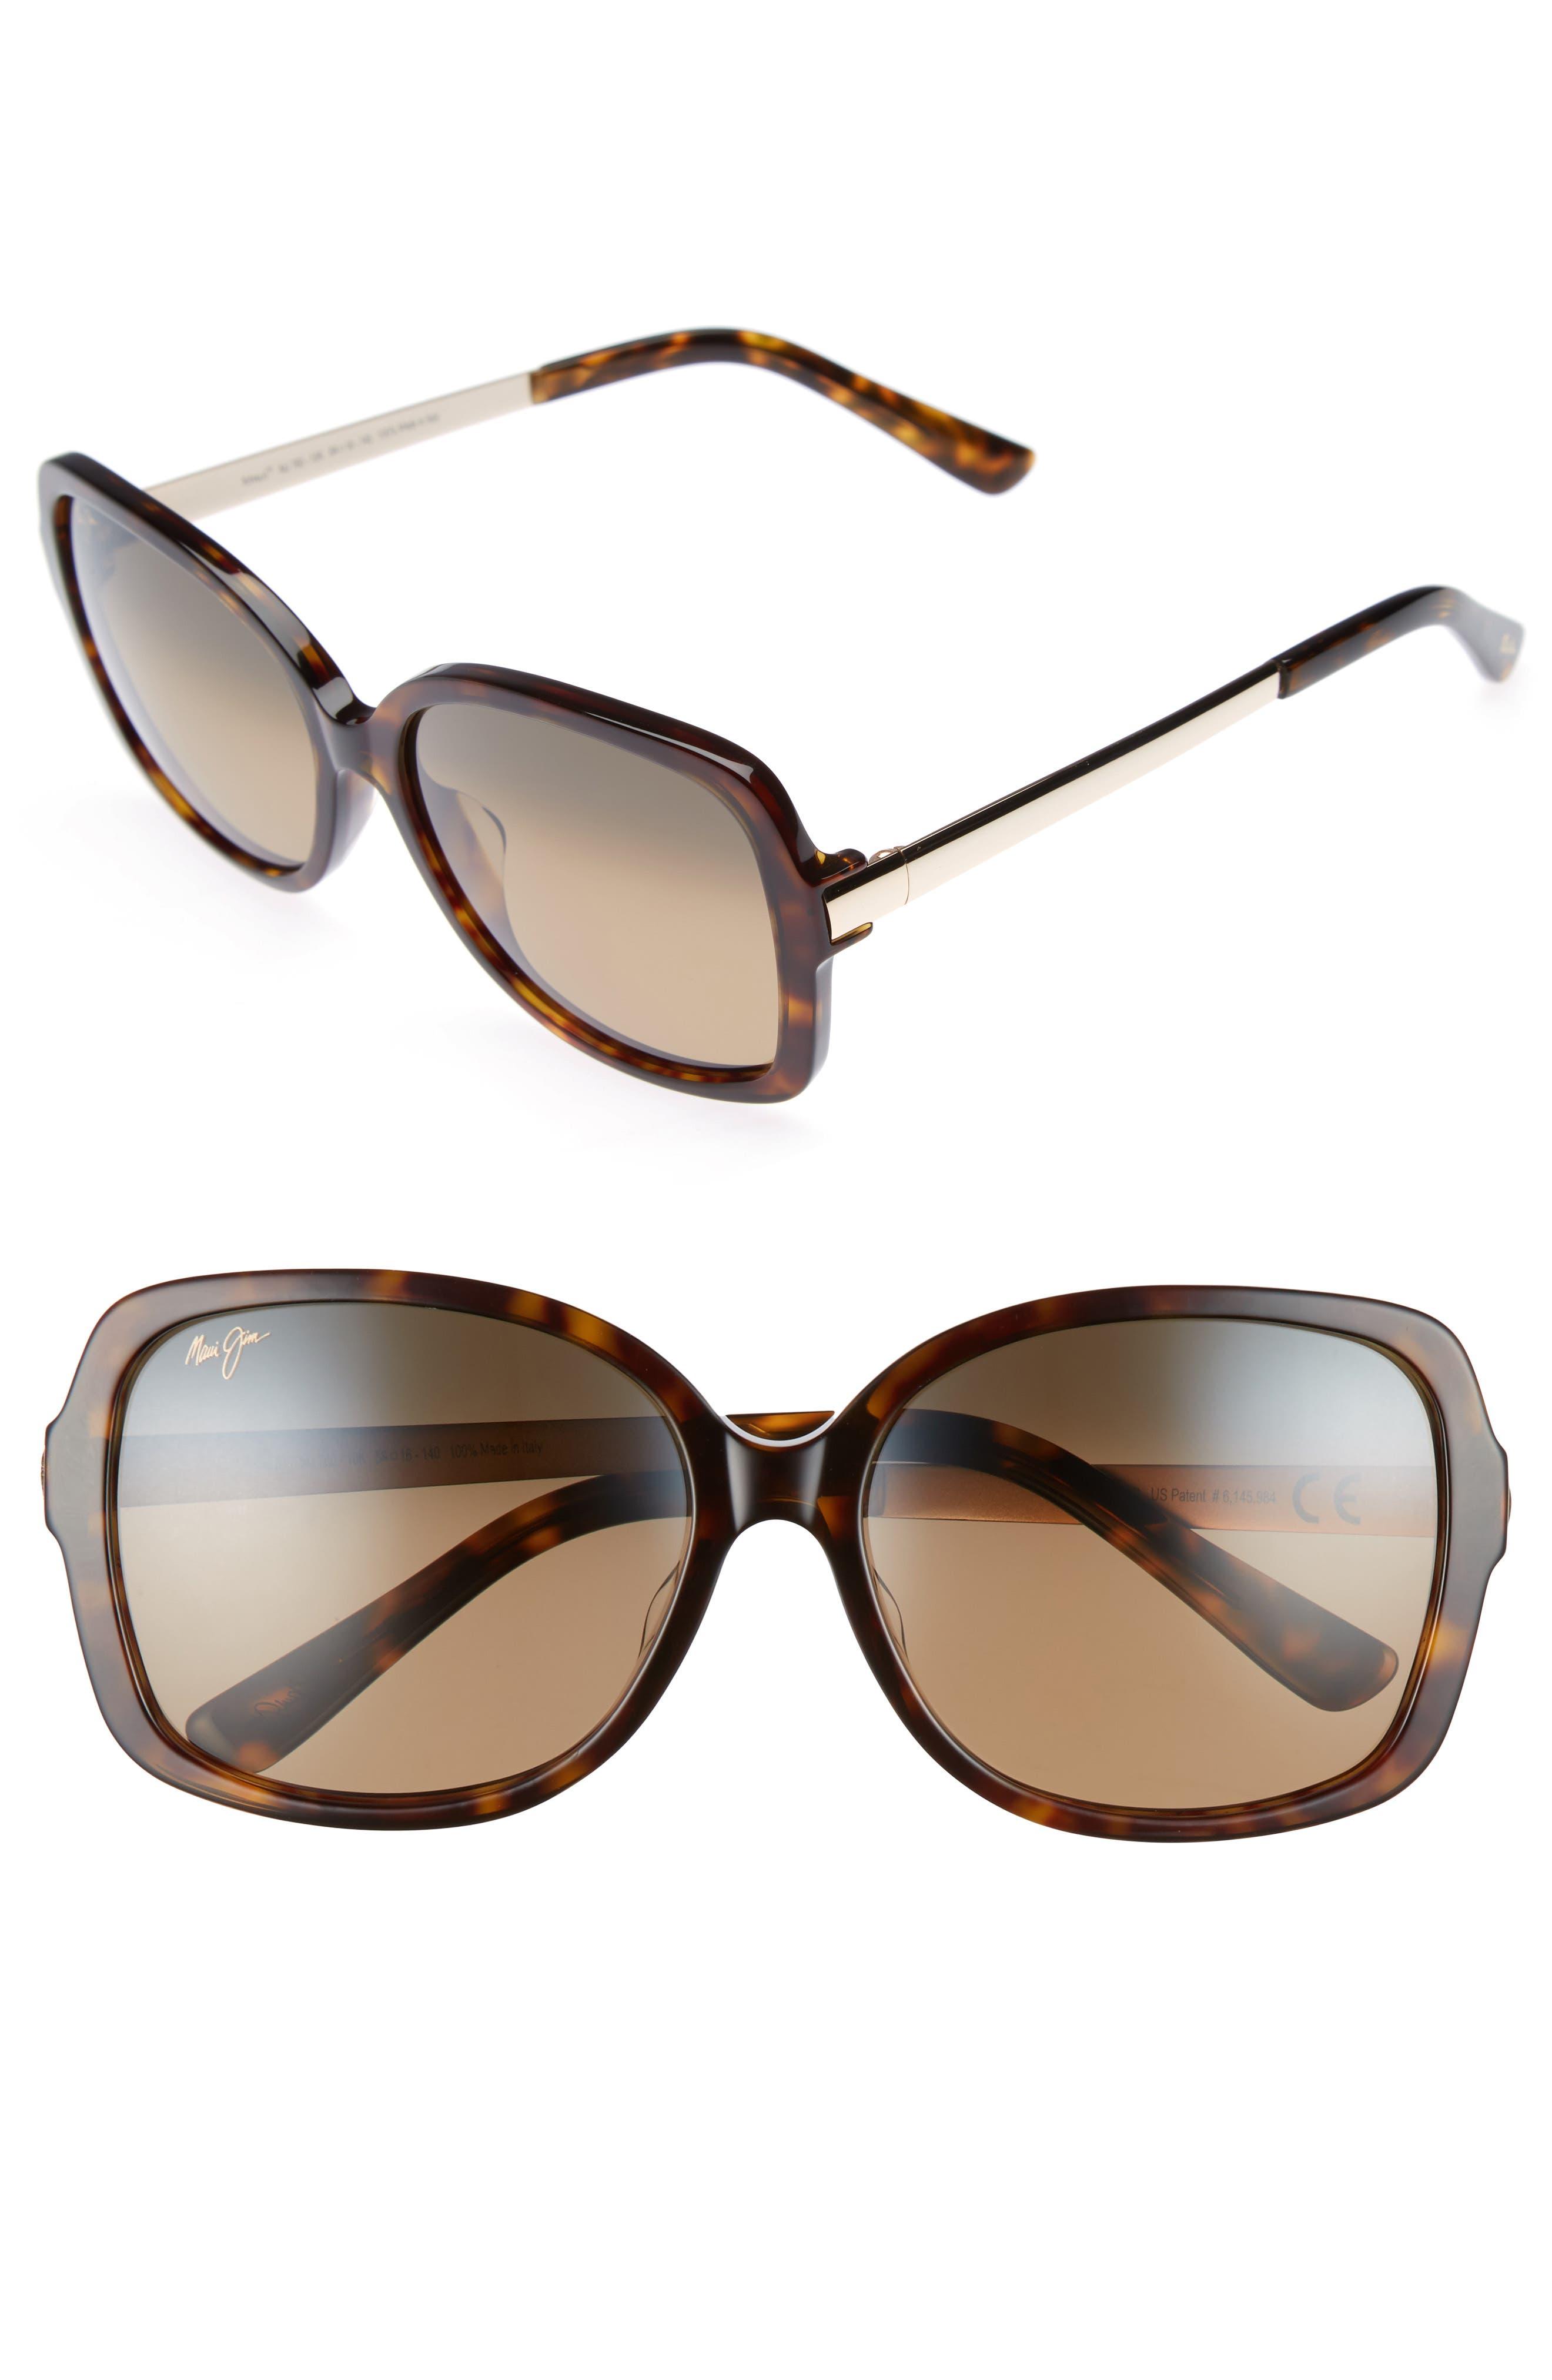 Maui Jim Melika 5m Polarized Square Sunglasses - Dark Tortoise Gold/ Bronze